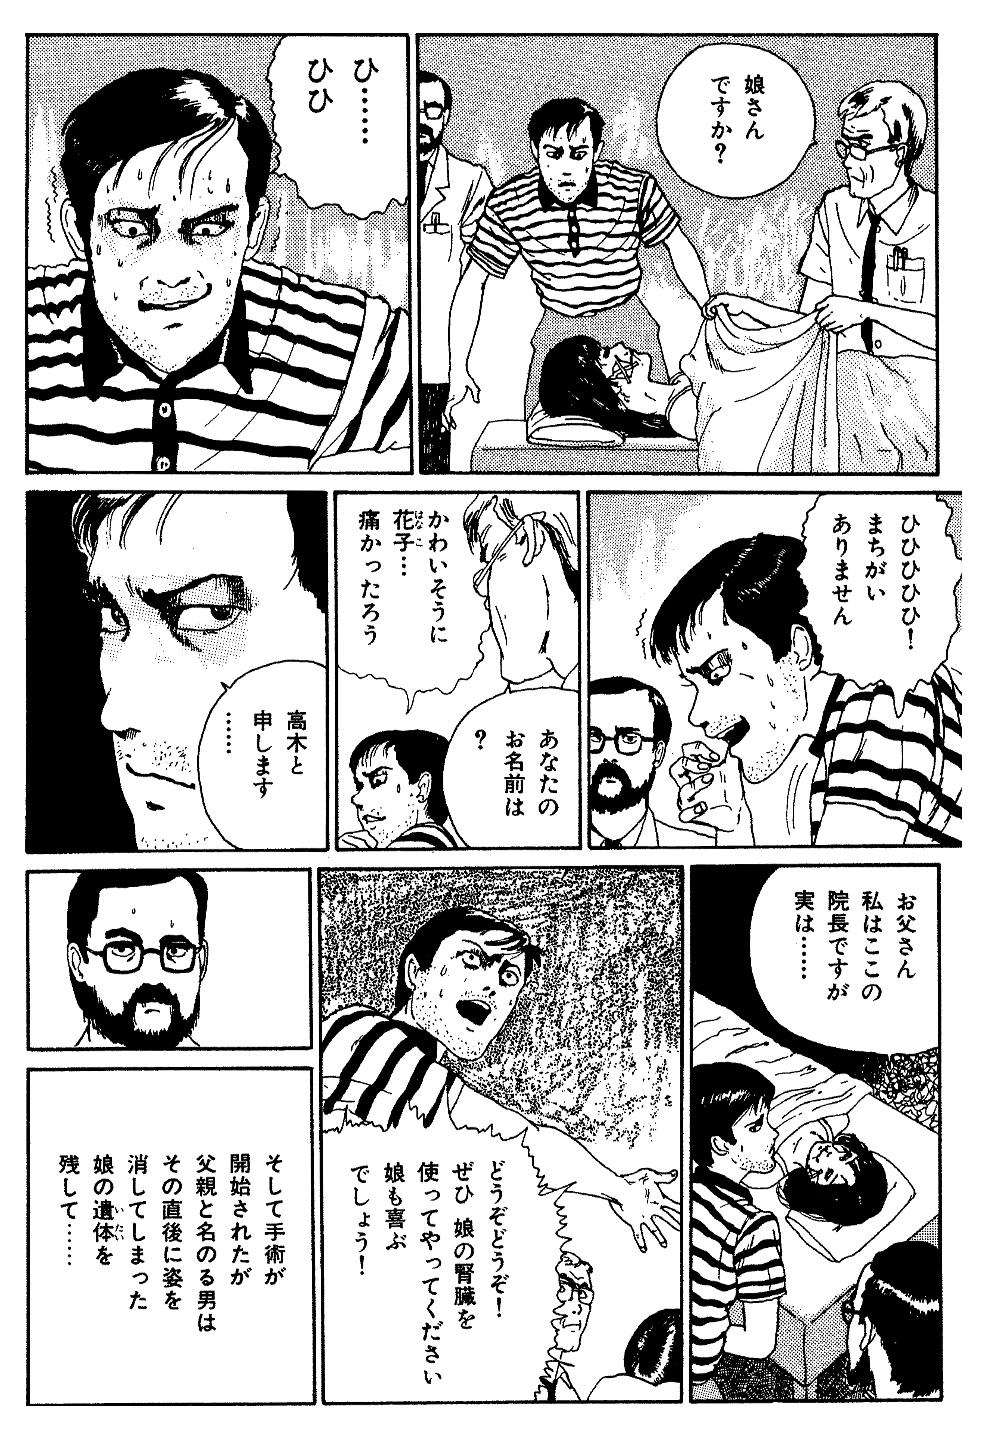 伊藤潤二傑作集 第2話「富江 森田病院編」②itojunji05-10.jpg